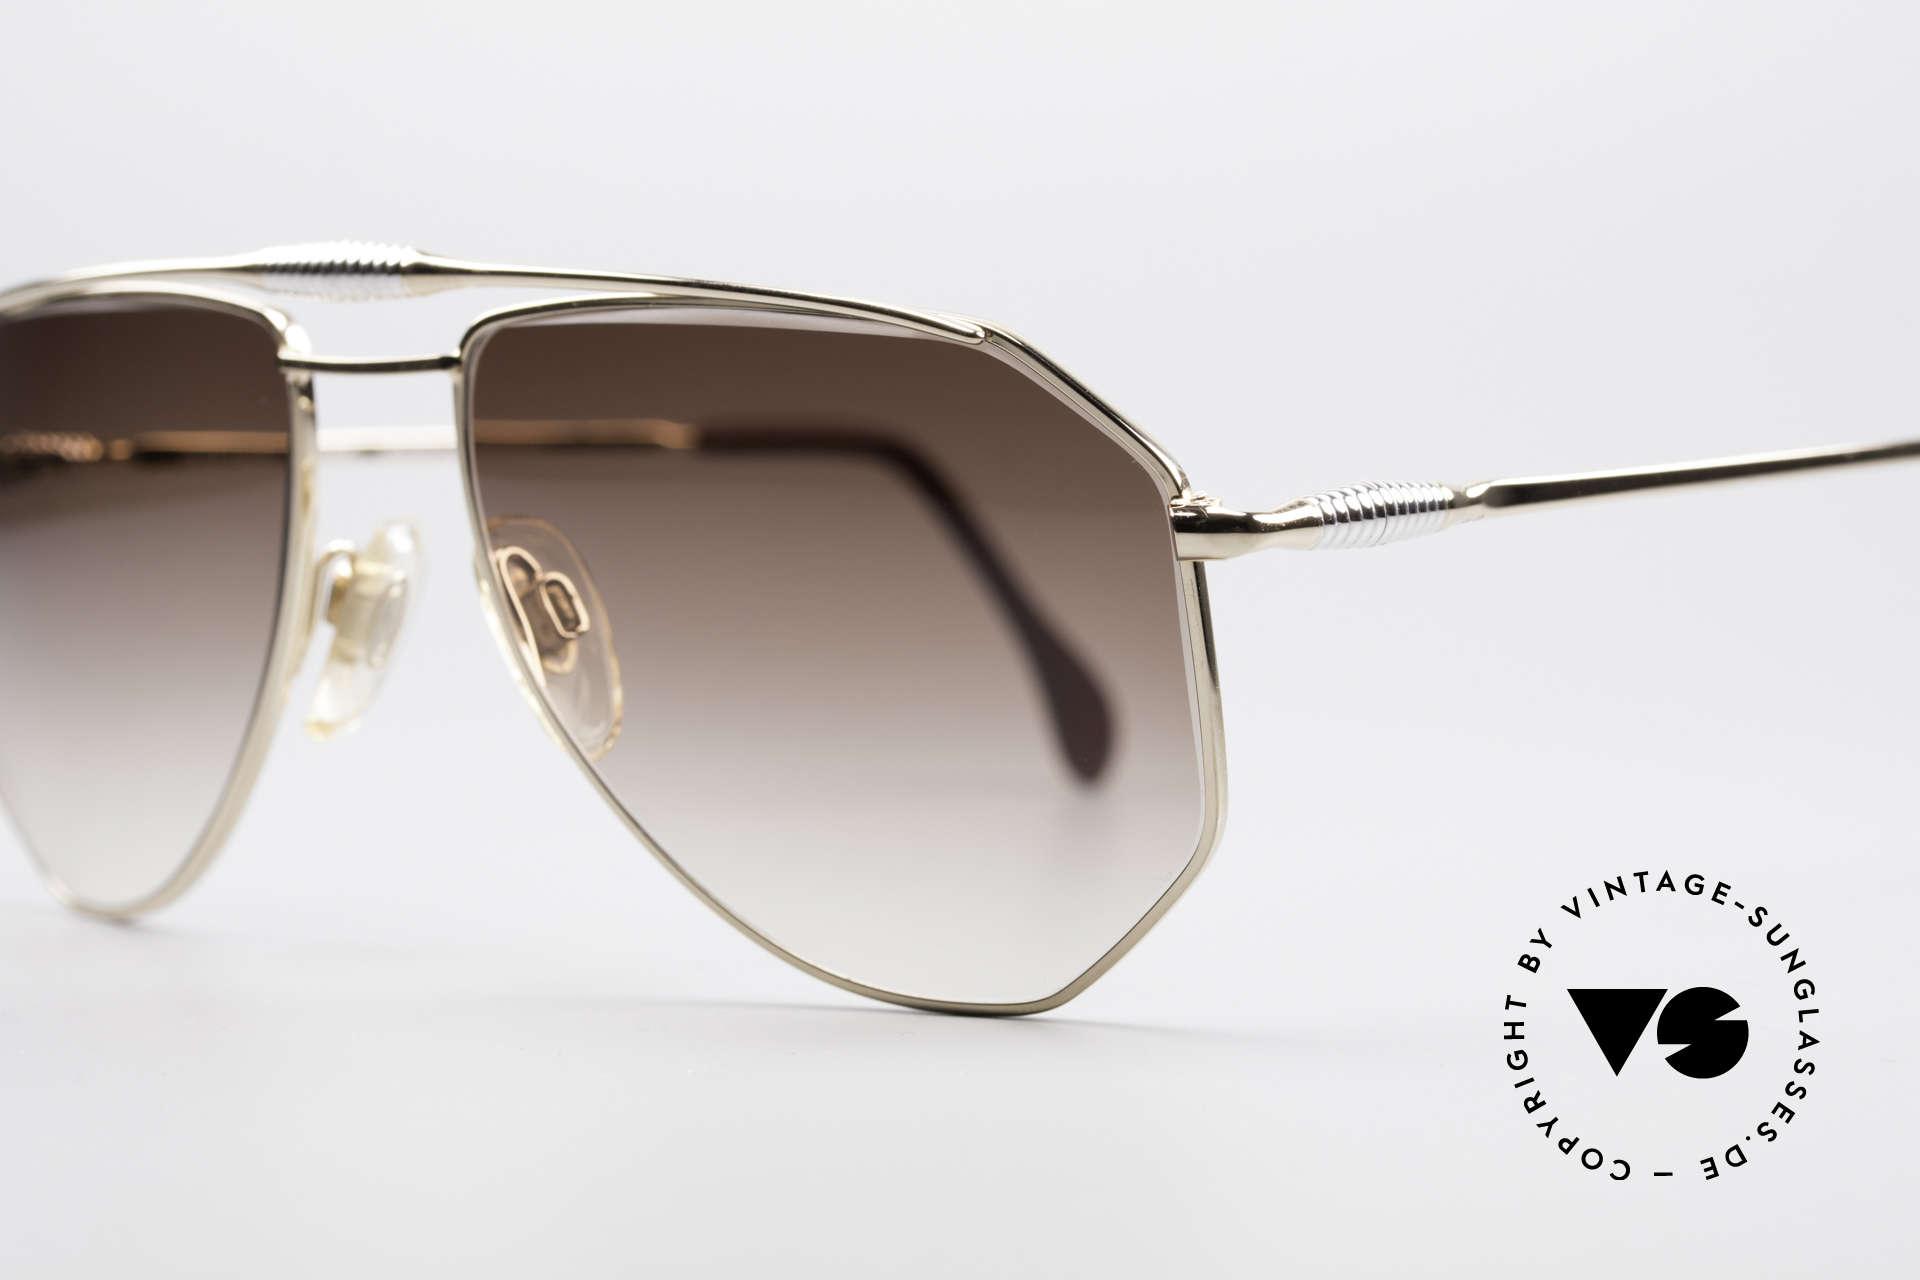 Zollitsch Cadre 120 Medium 80er Vintage Brille, ungetragen (wie alle unsere vintage Zollitsch Brillen), Passend für Herren